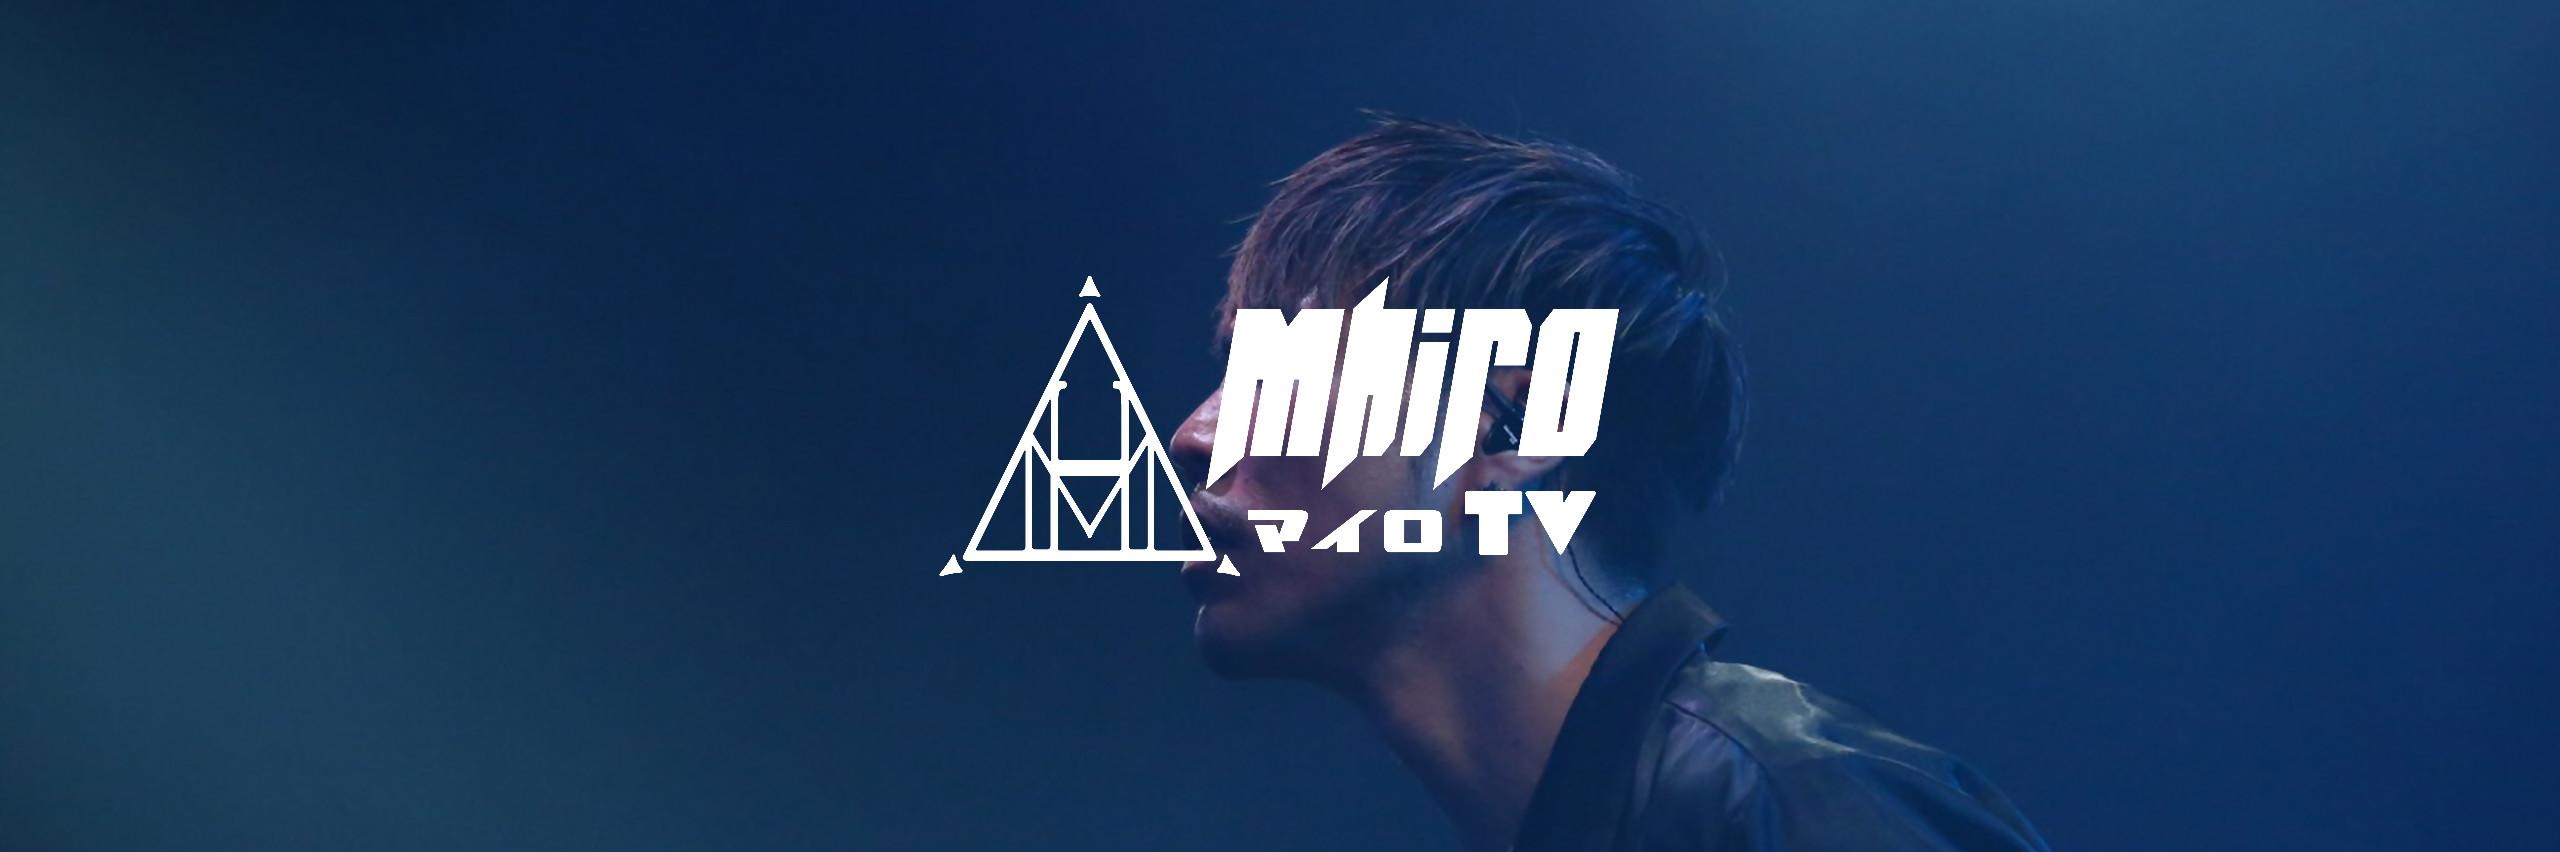 Mhiro TV